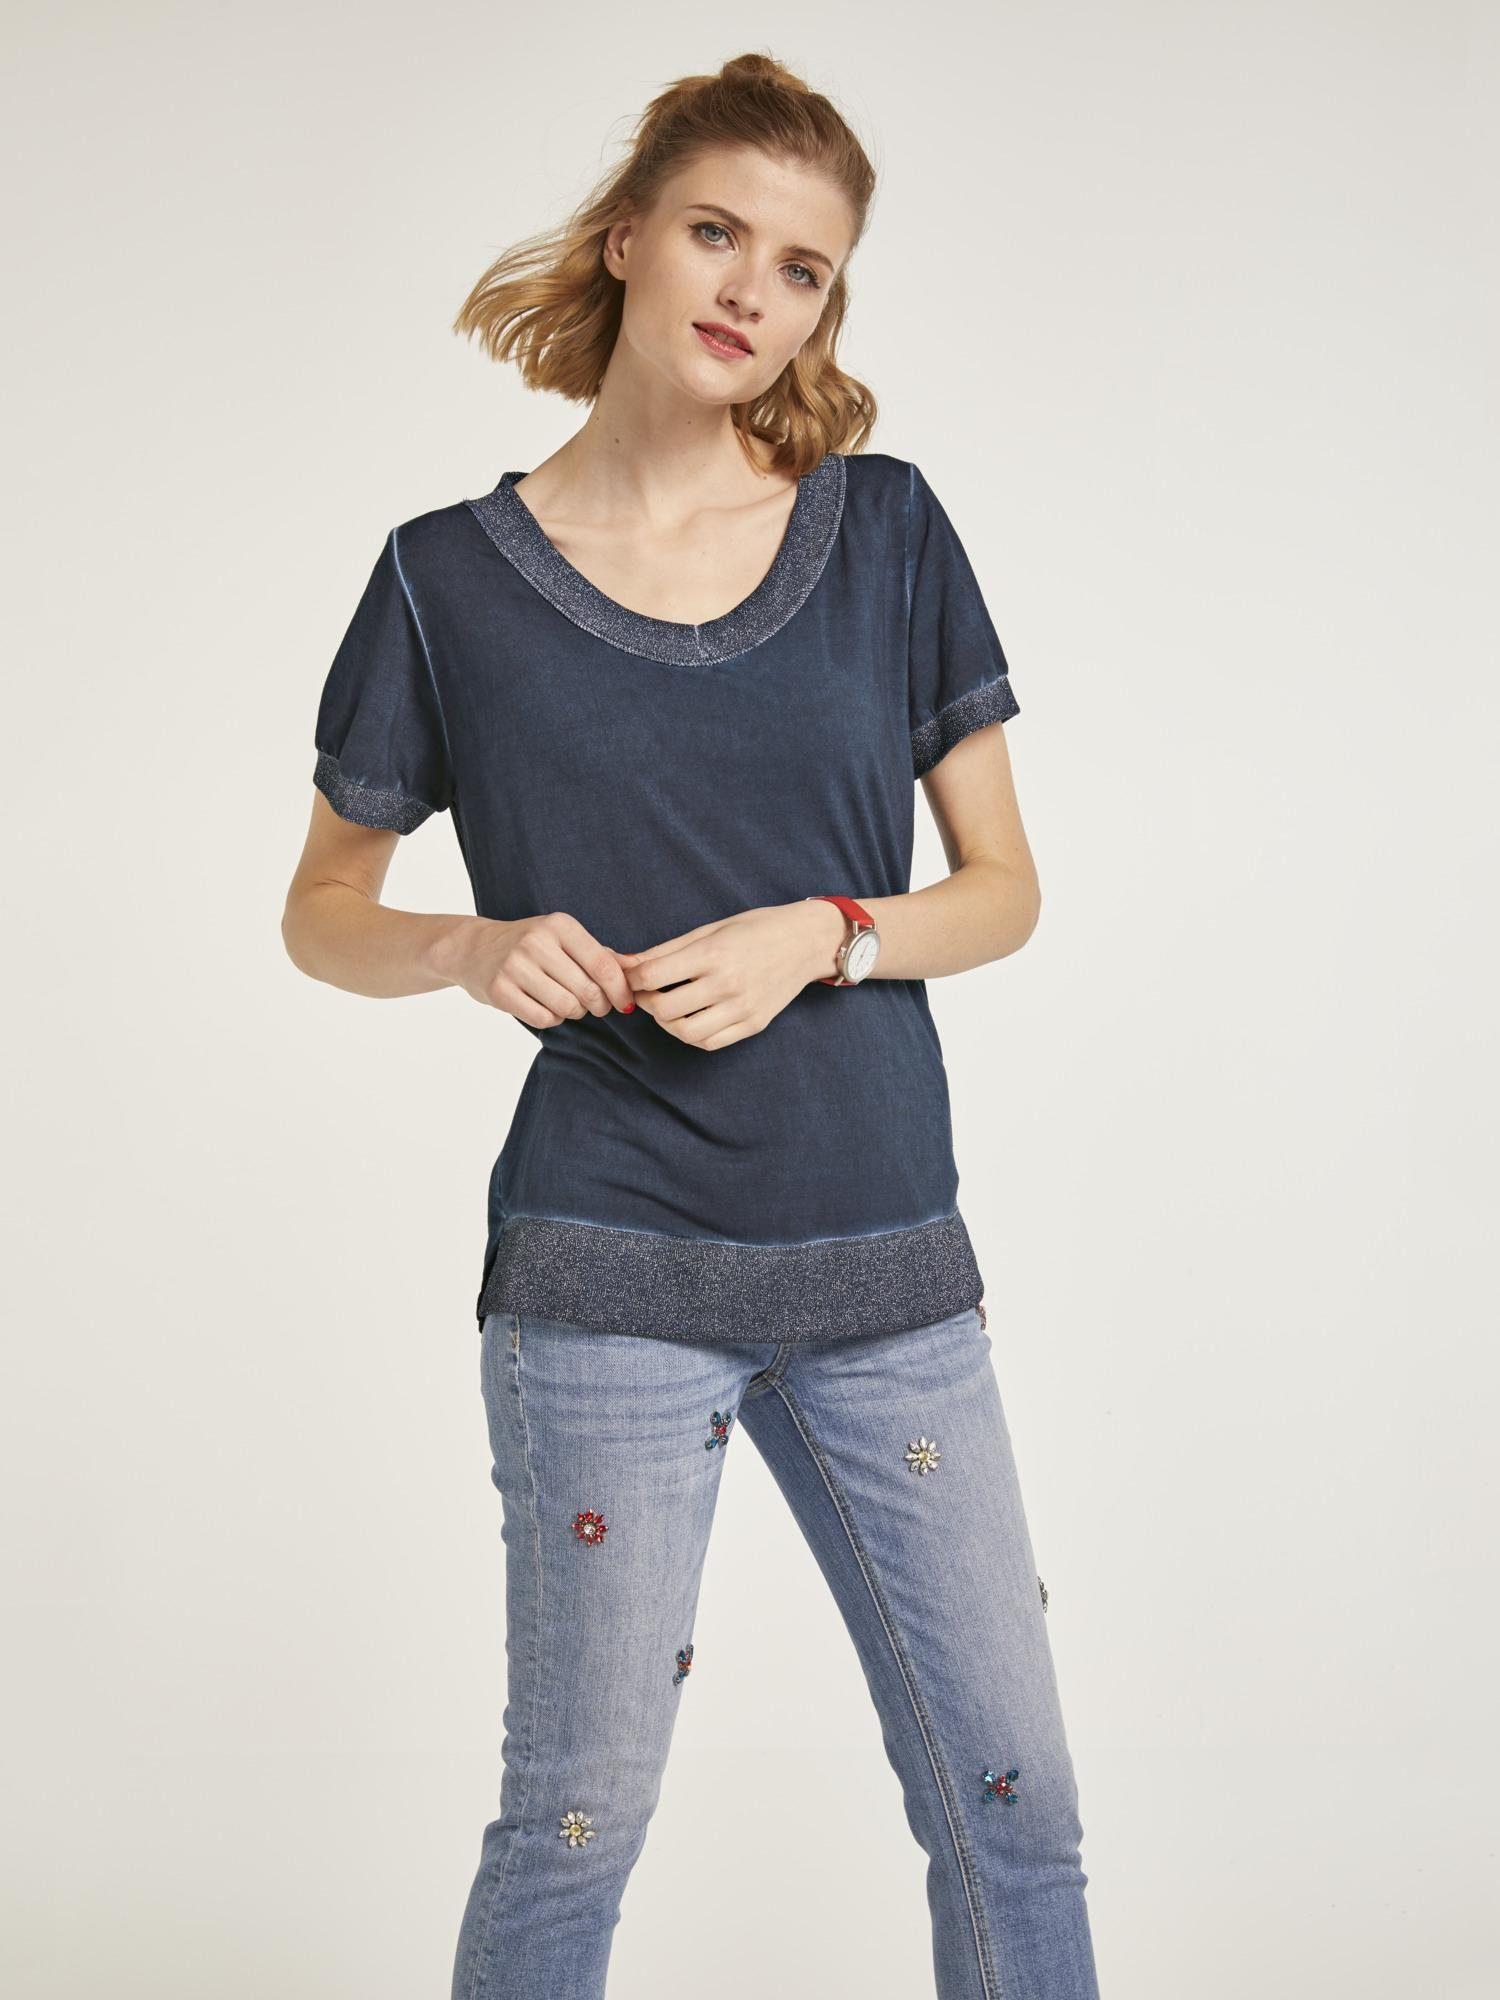 Heine Kaufen Heine Online Style Style Shirt Shirt Style Shirt Online Online Heine Kaufen gbf7y6vY